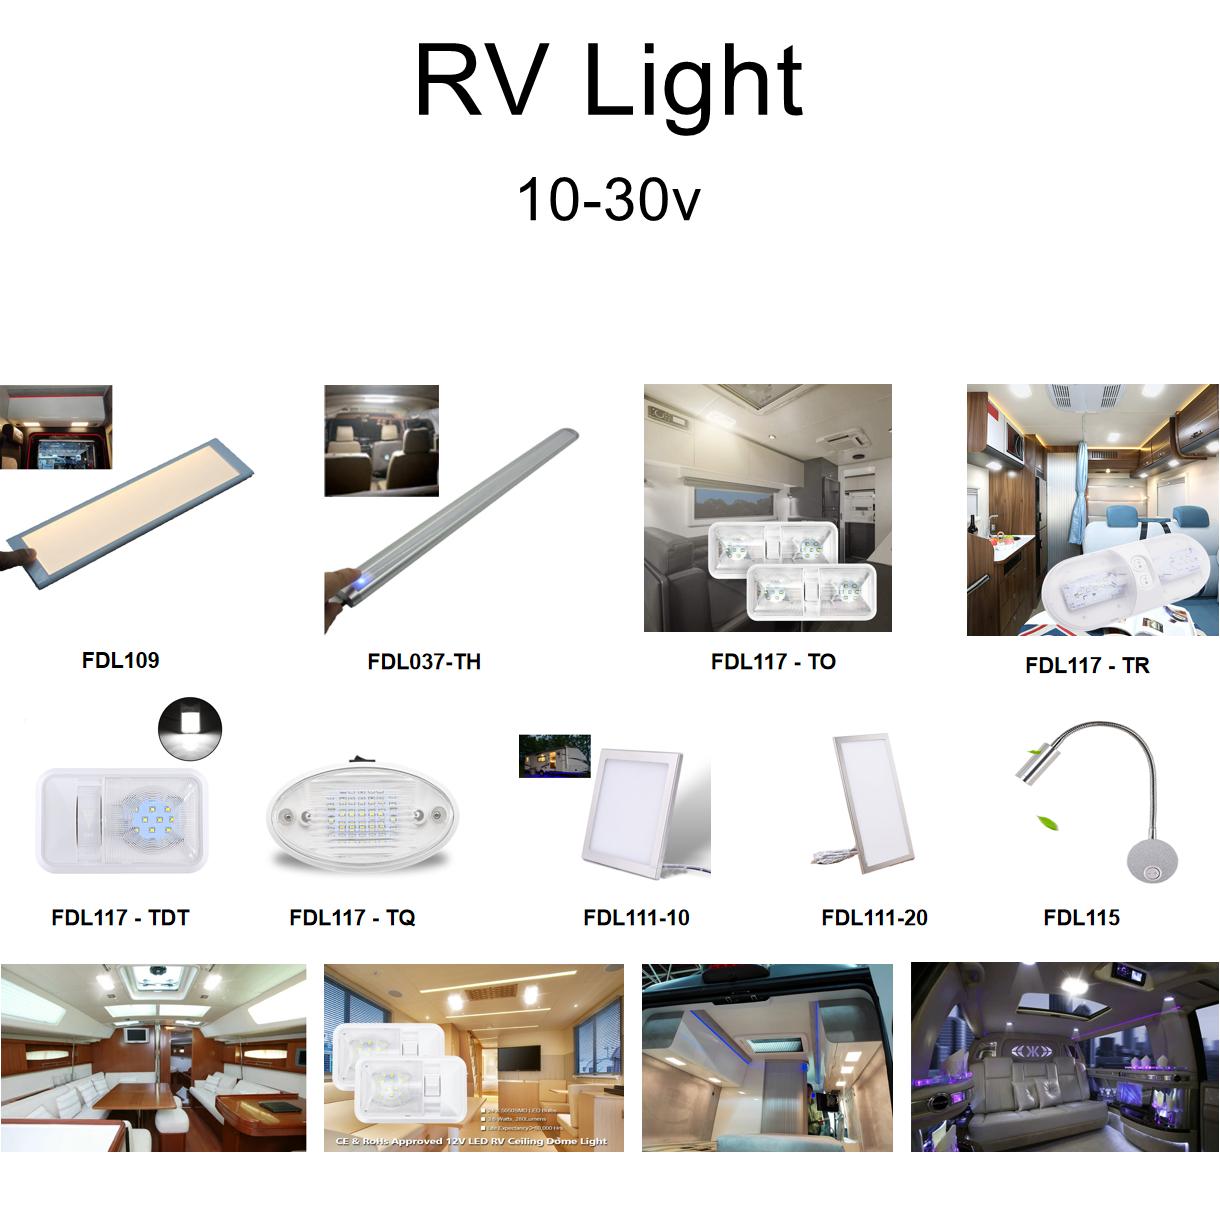 RV Light